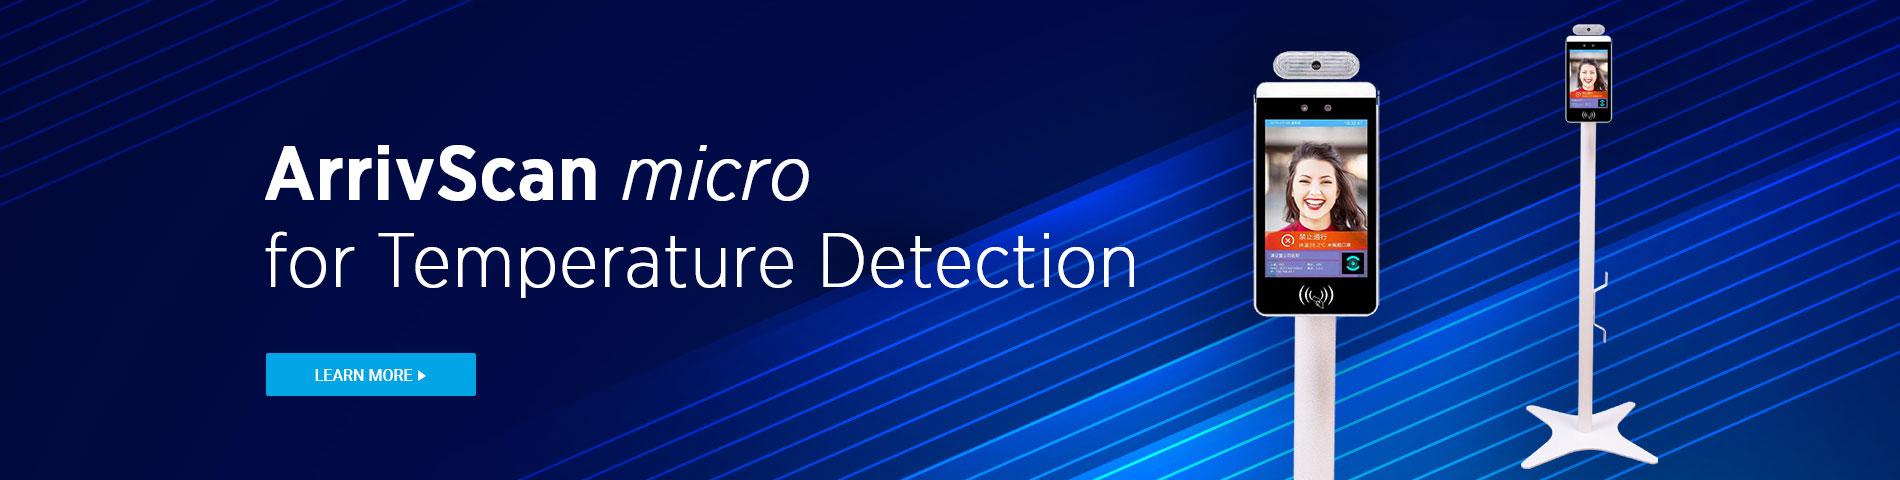 Howard ArrivScan Micro Temperature Sensing Kiosk